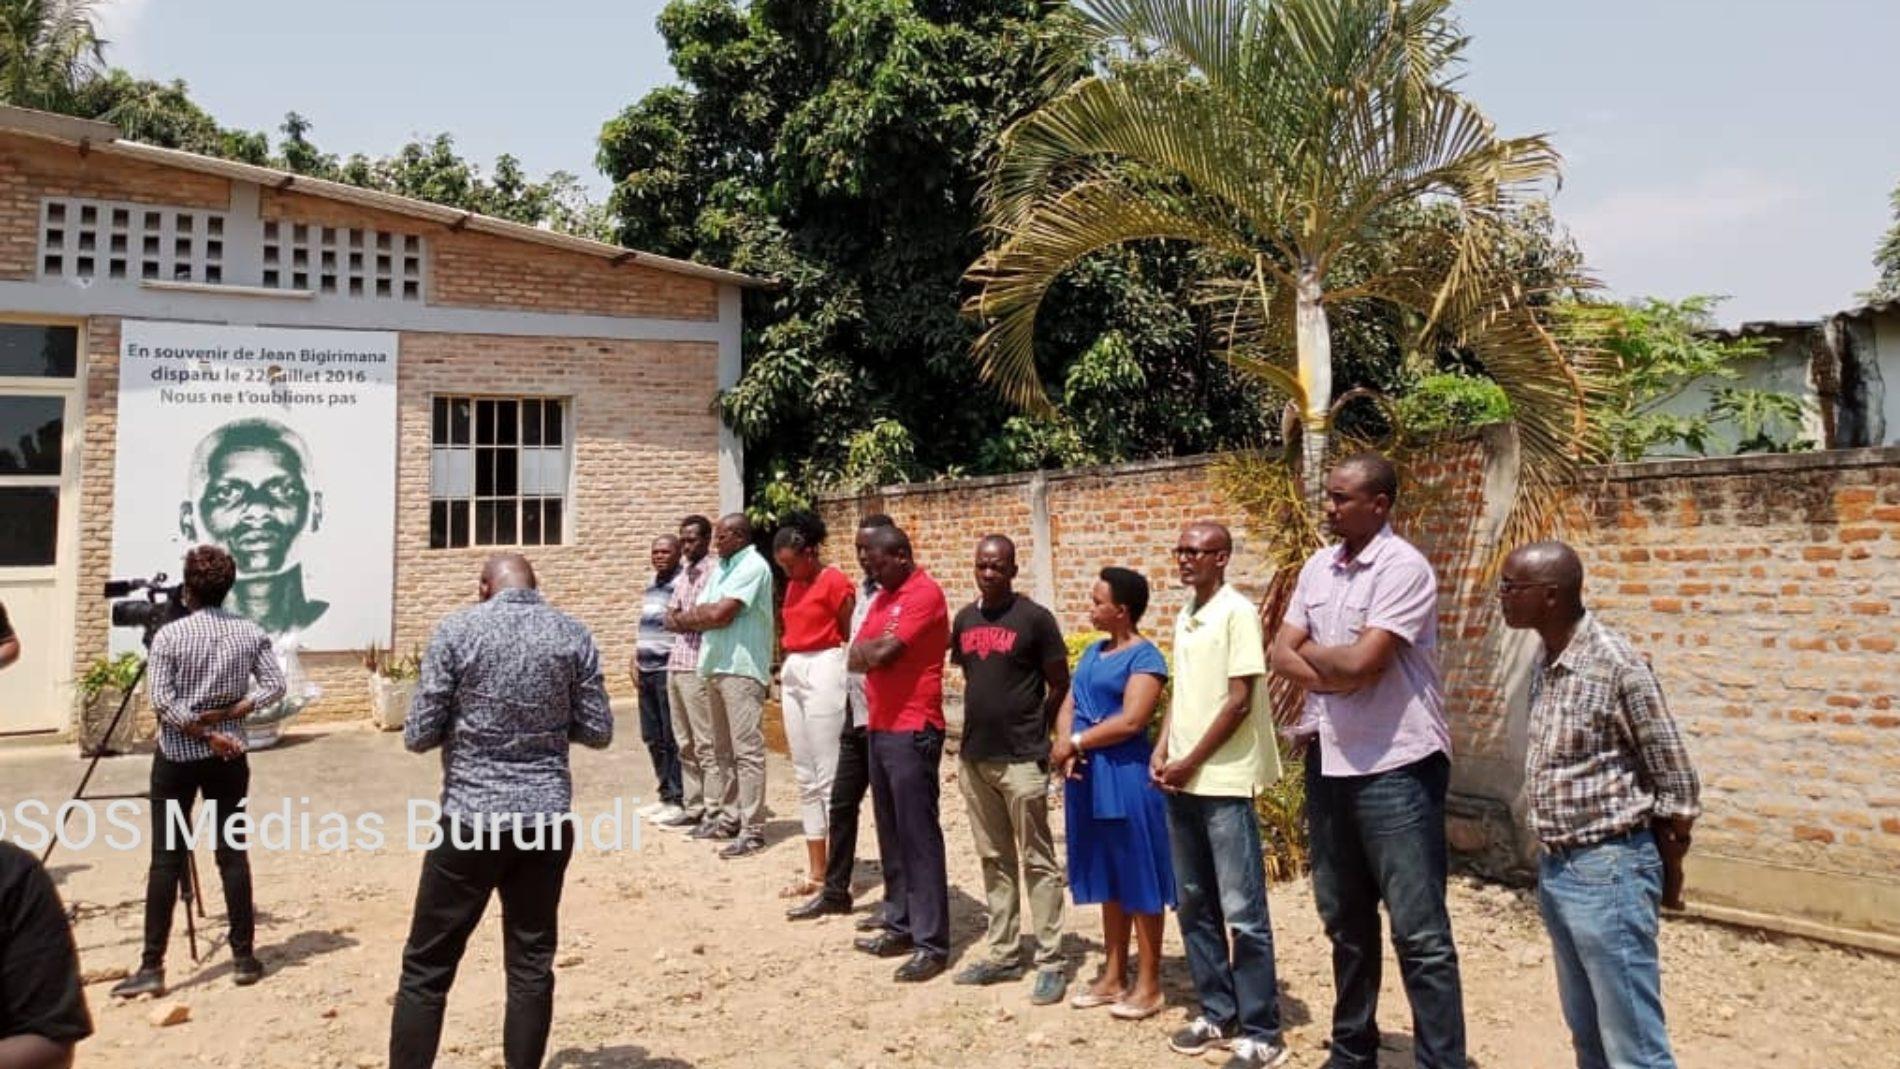 Photo de la semaine – Disparition de Jean Bigirimana: même blessure et douleur cinq ans après